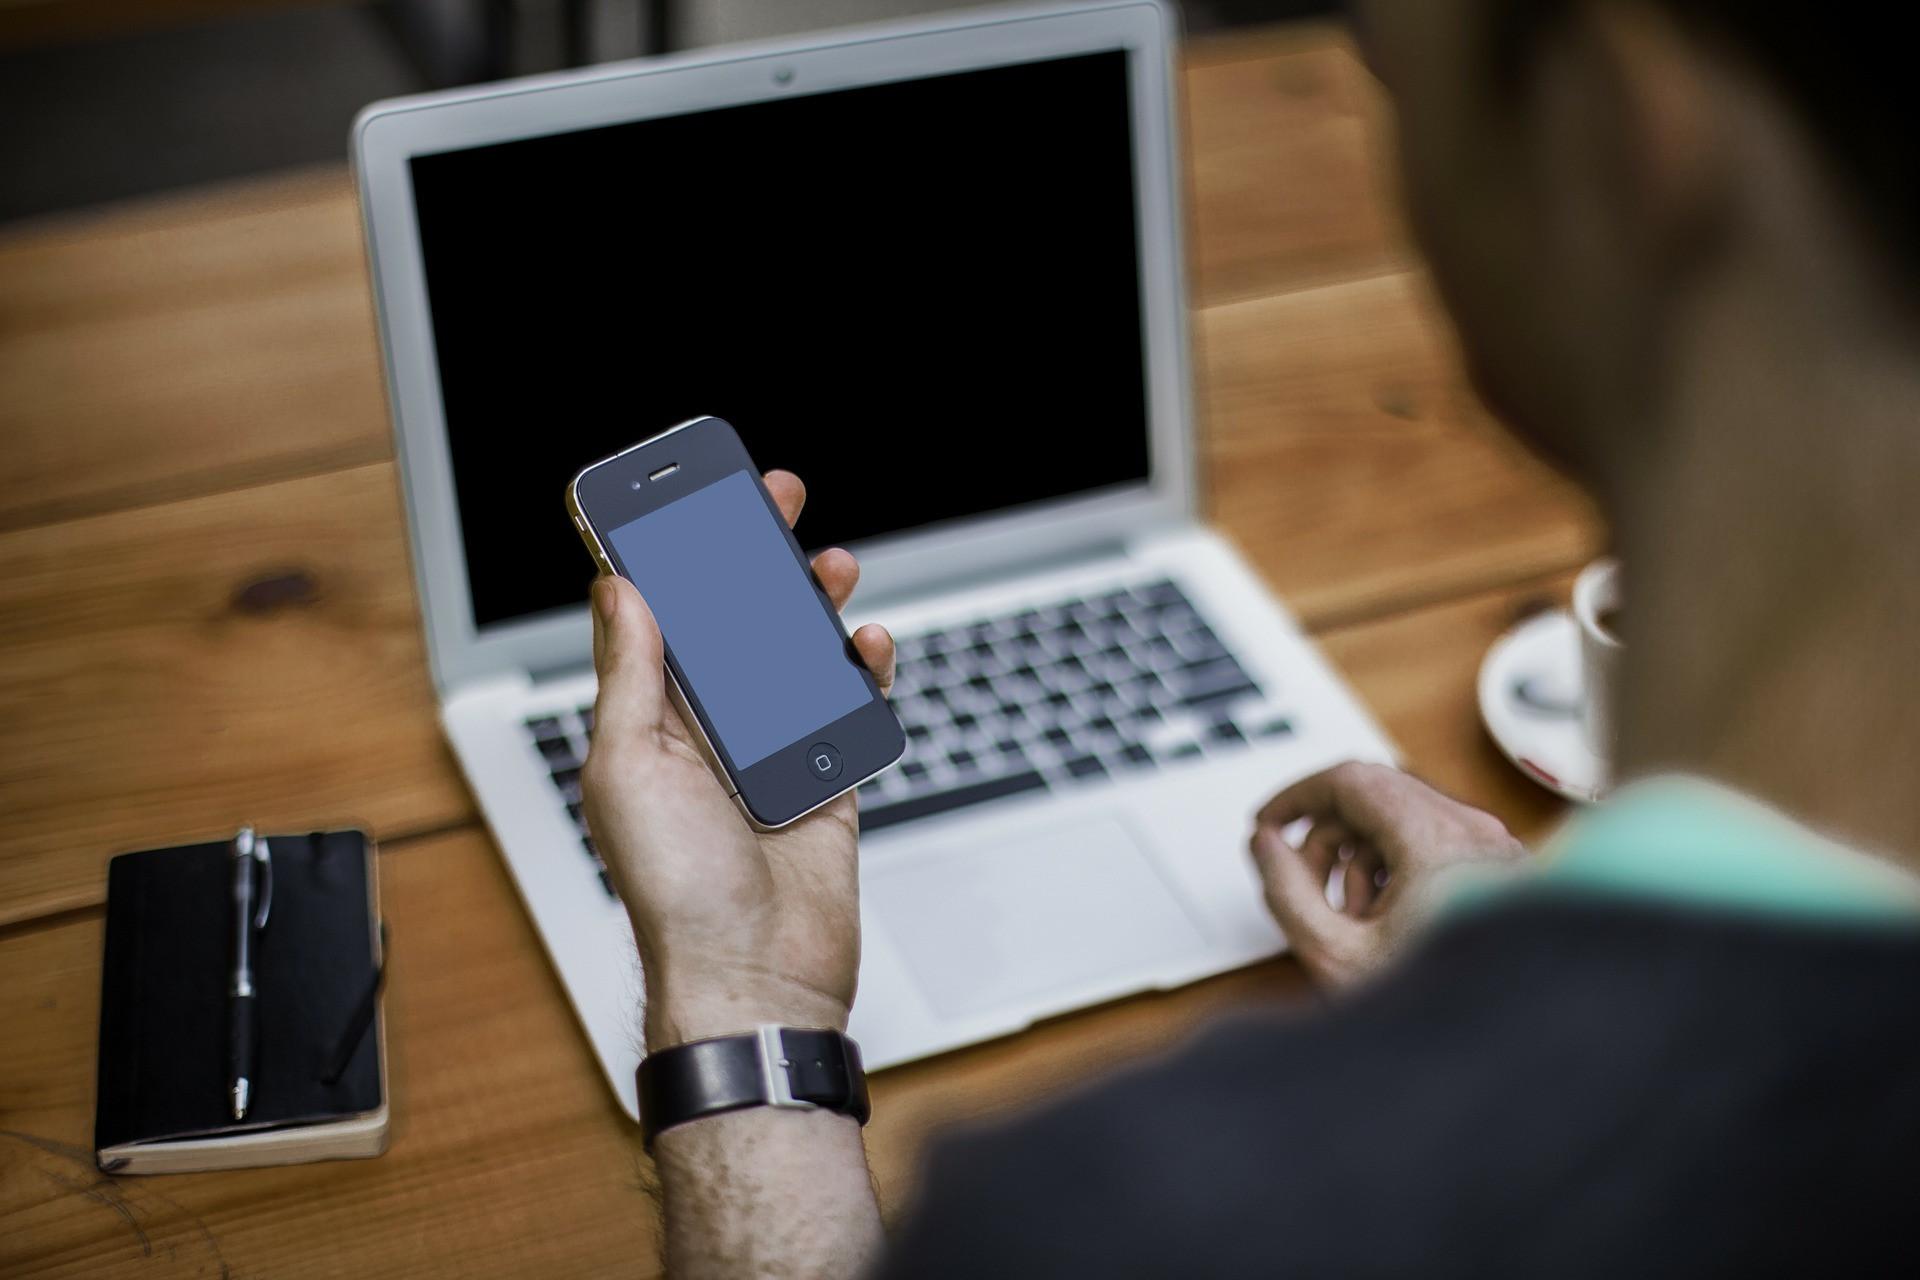 現時有「專注森林」(Forest)的APP,可以在特定時間內阻止被手機干擾。(Pixabay)